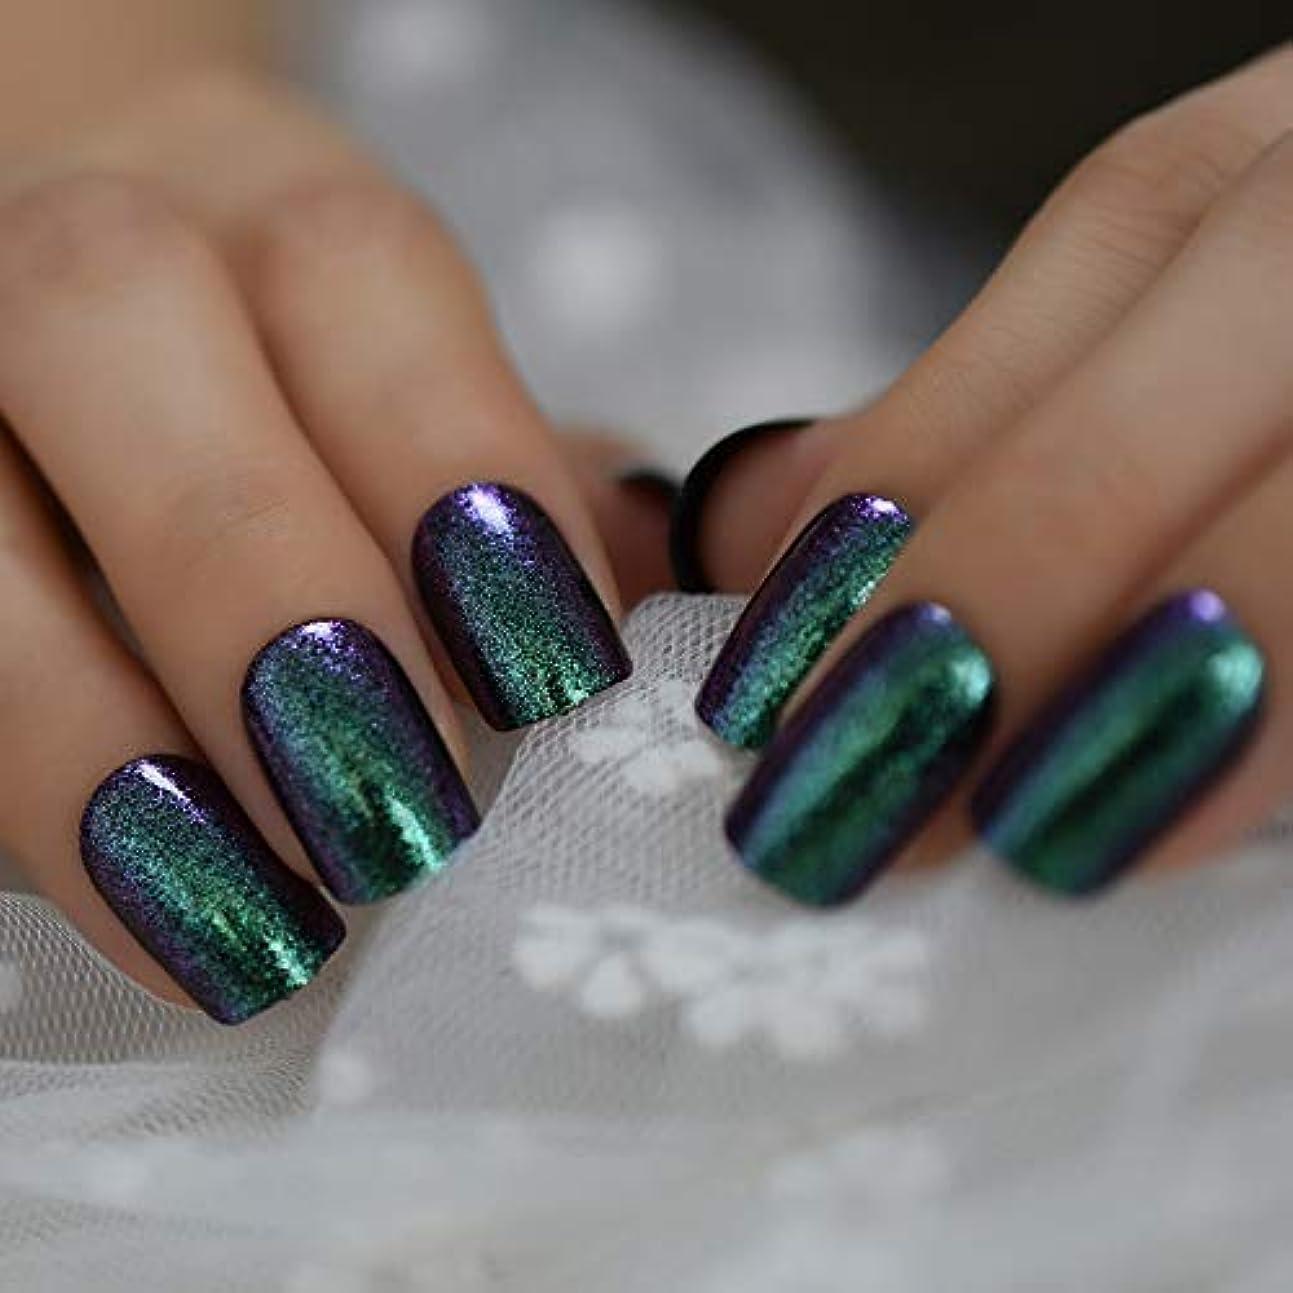 一般的に言えば休憩するベーカリーXUTXZKA レインボーグリッターフェイクネイルミディアムサイズグリーンレディースファッションのヒント人工爪